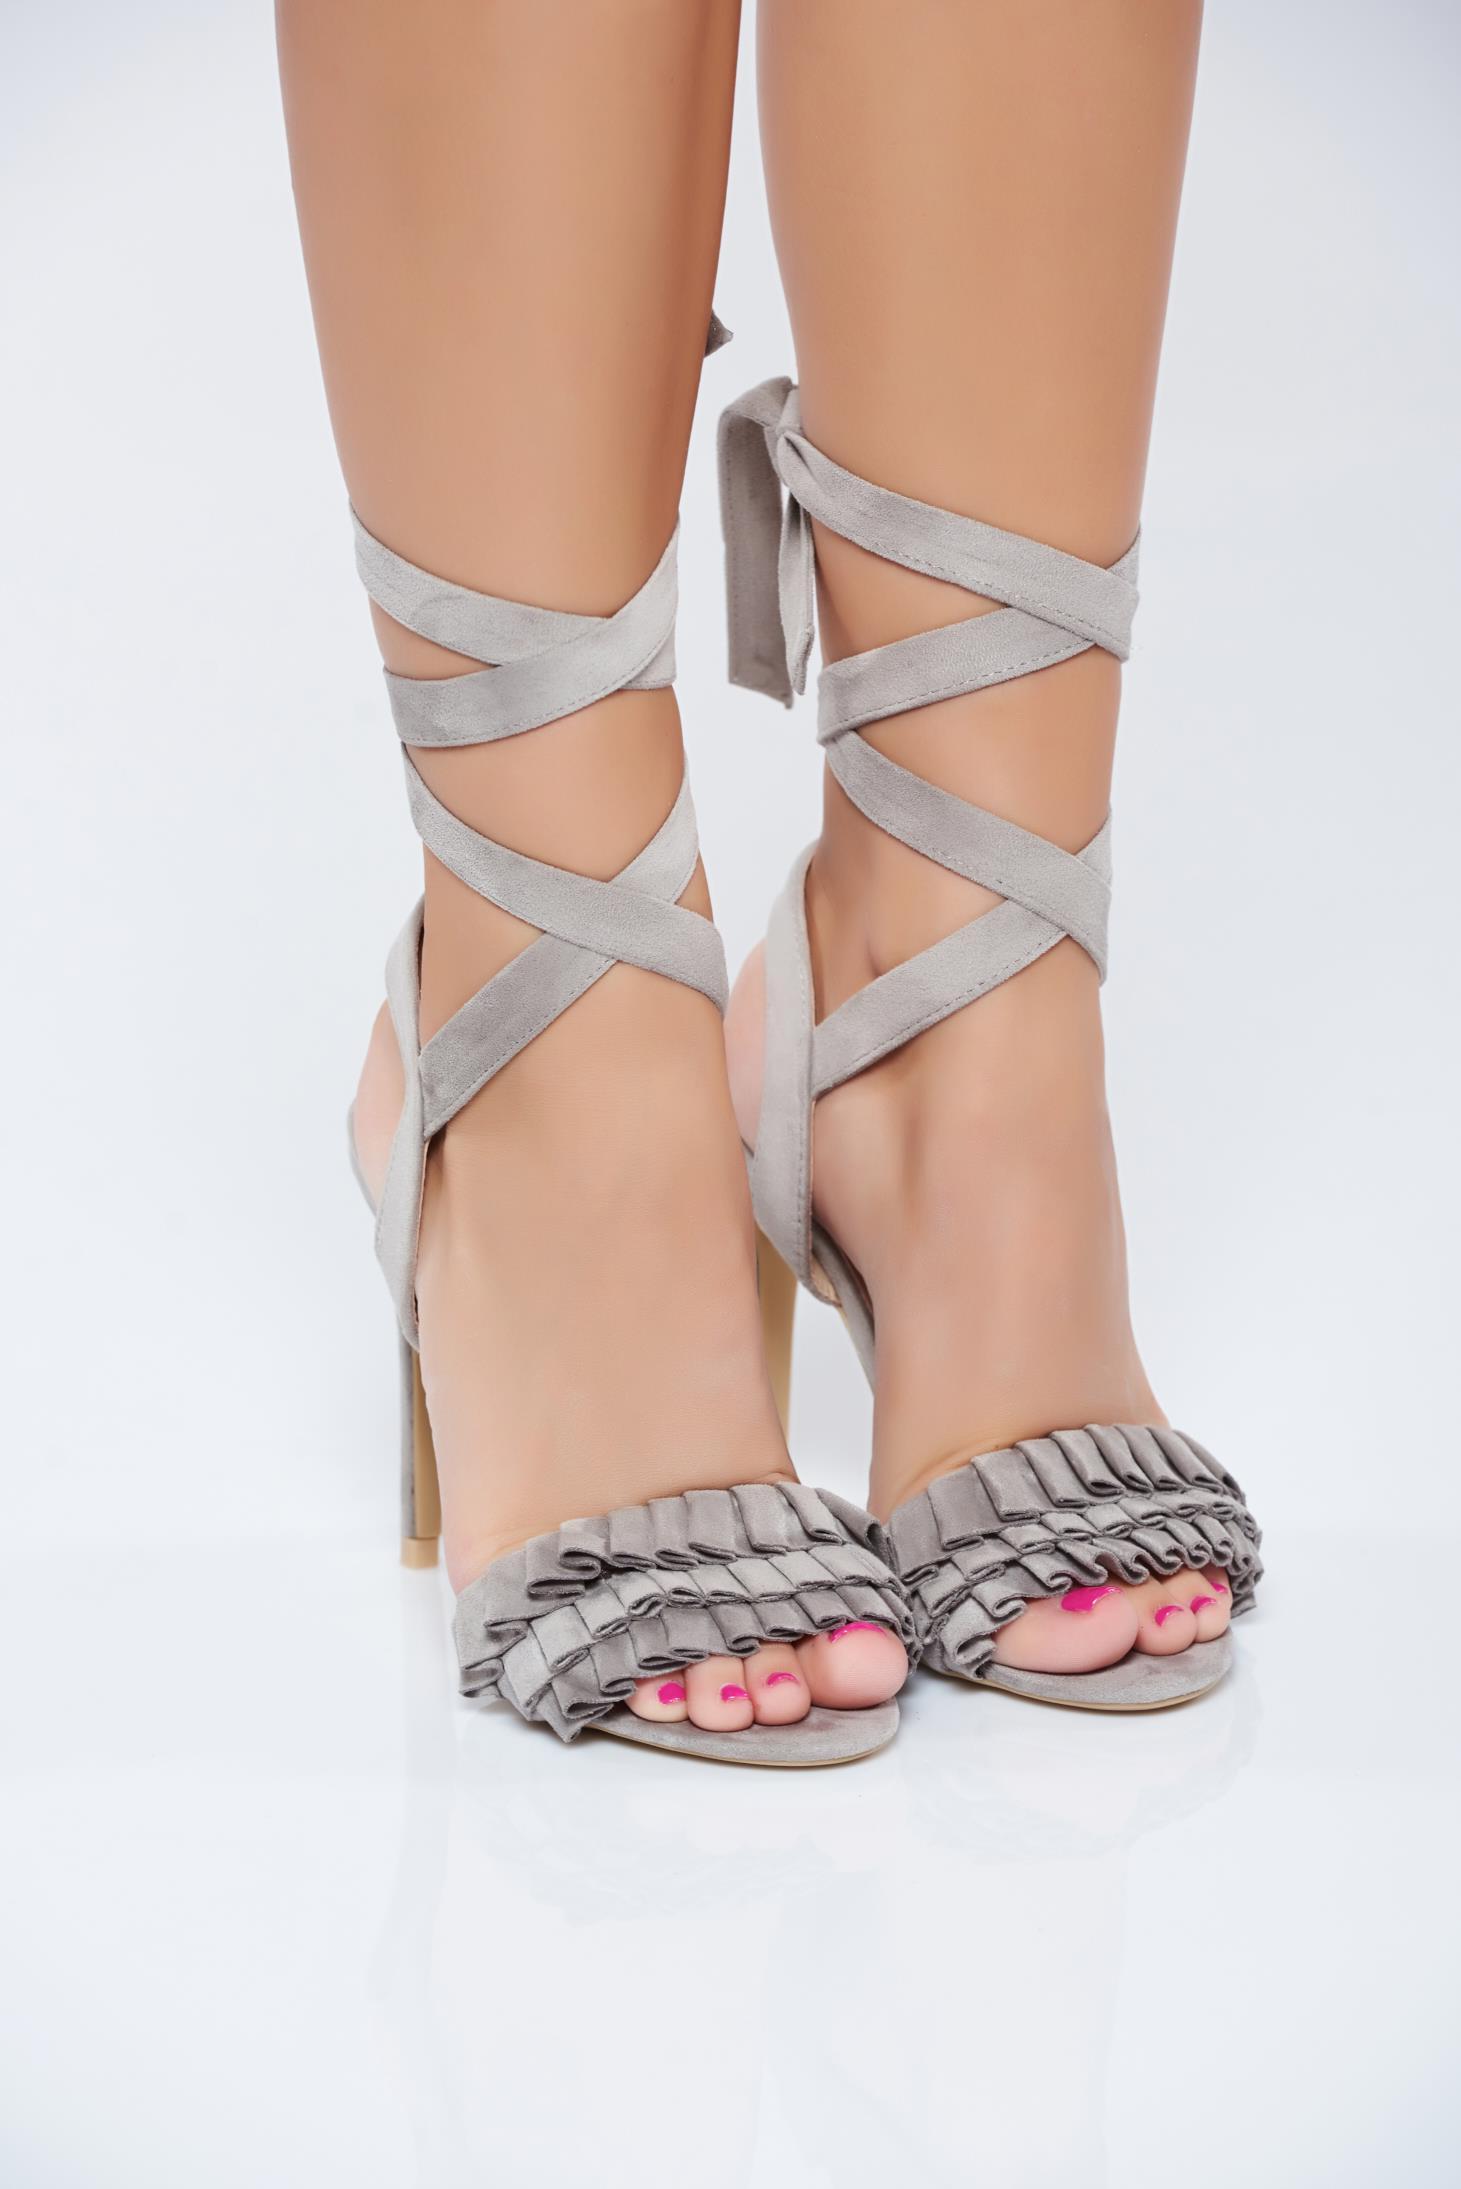 Sandale cu toc inalt gri cu material incretit